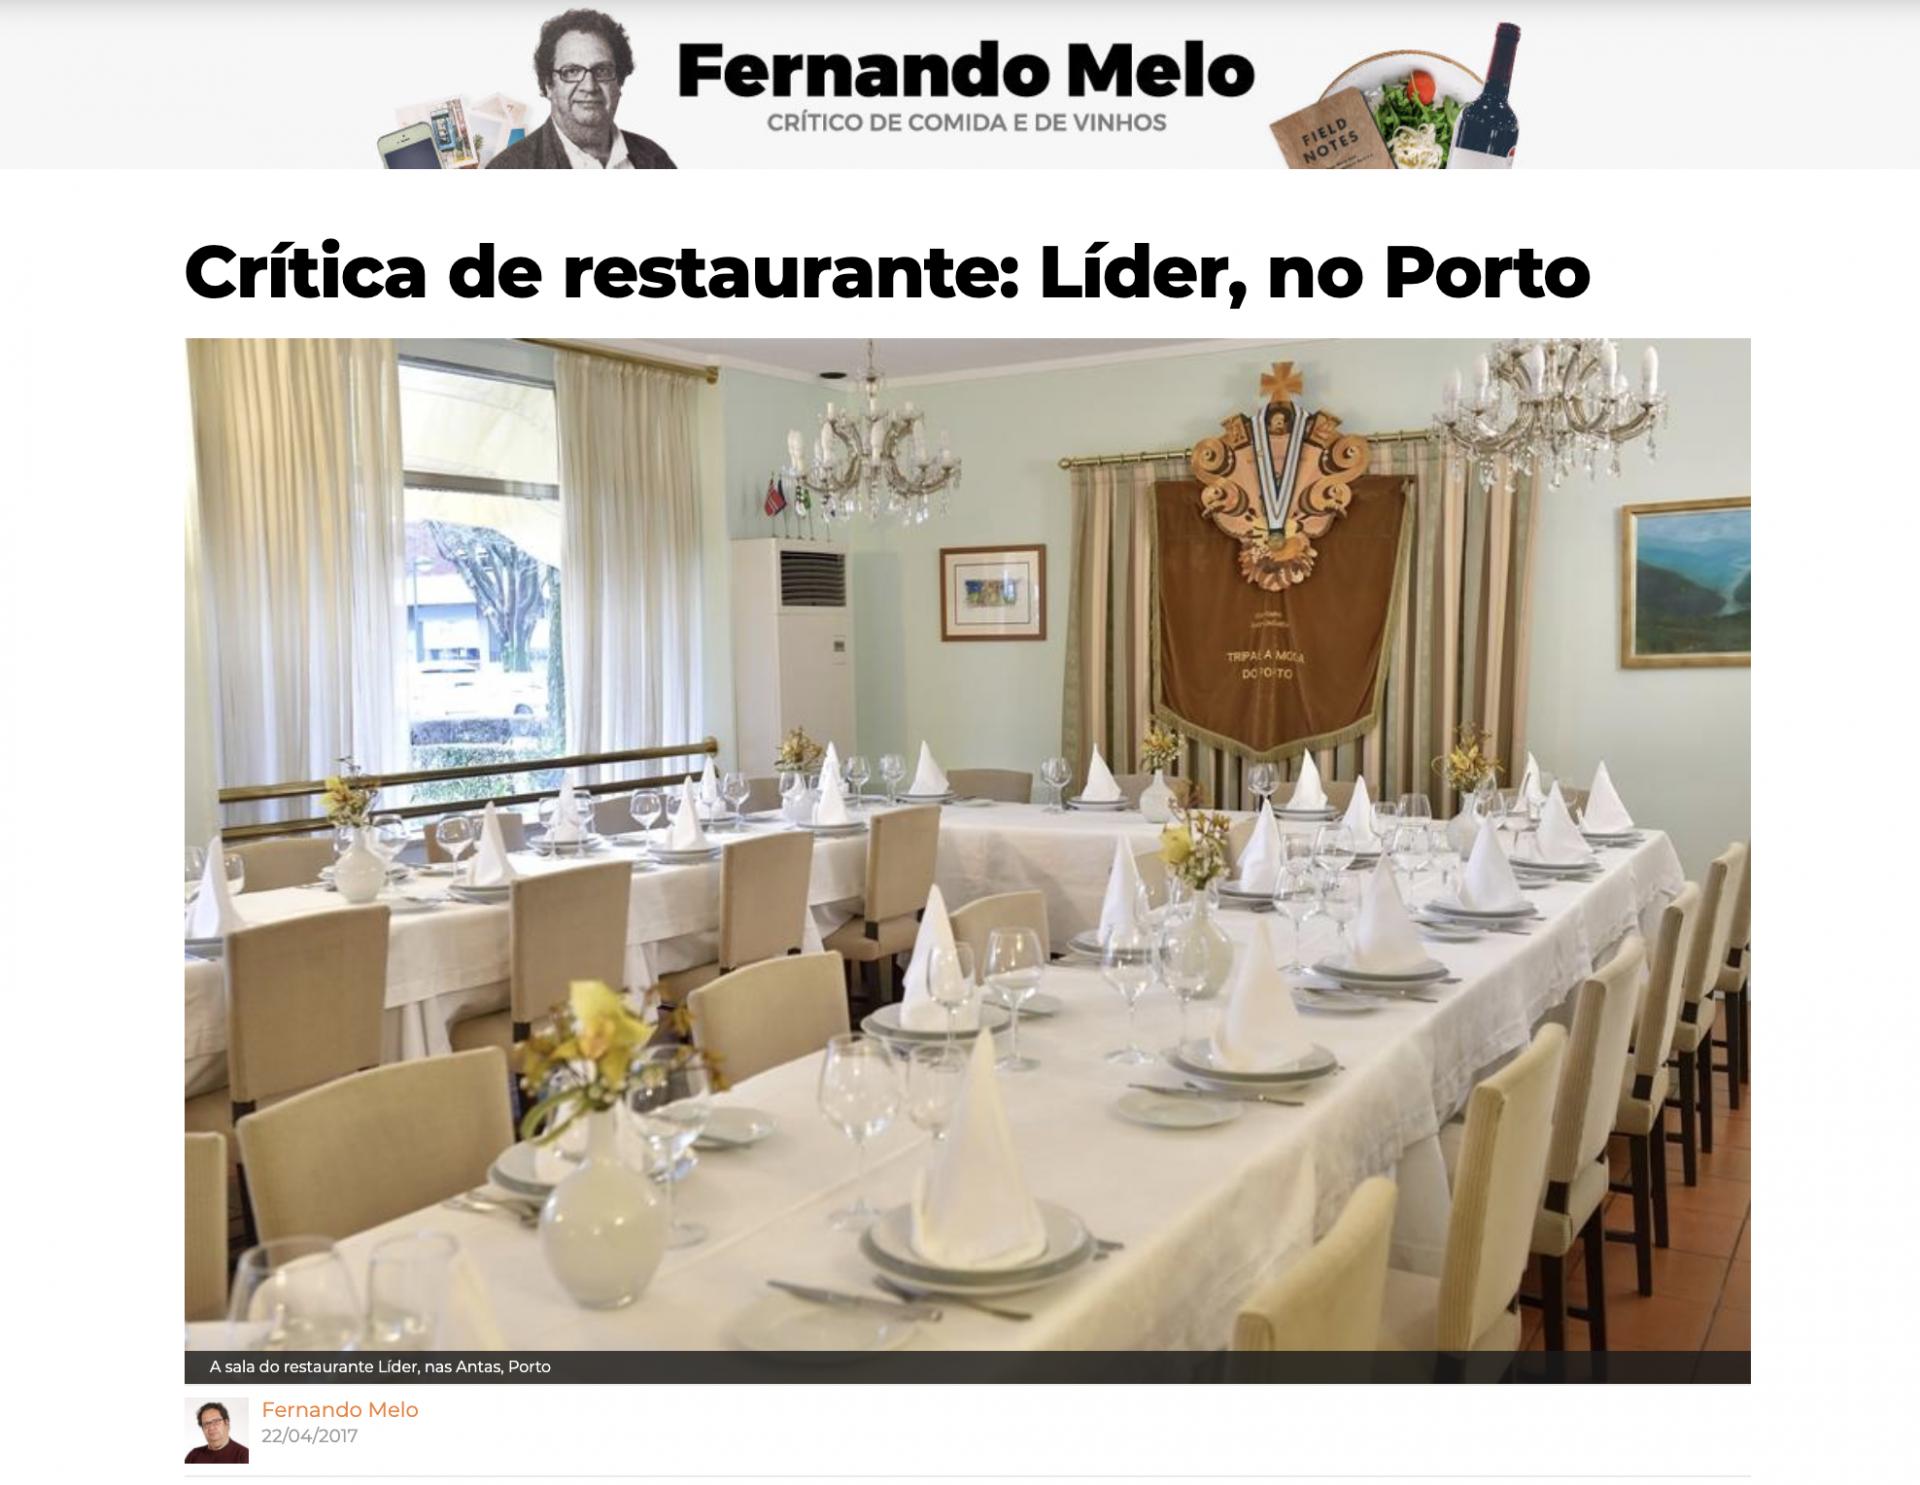 Evasões – Crítica de restaurante: Líder, no Porto